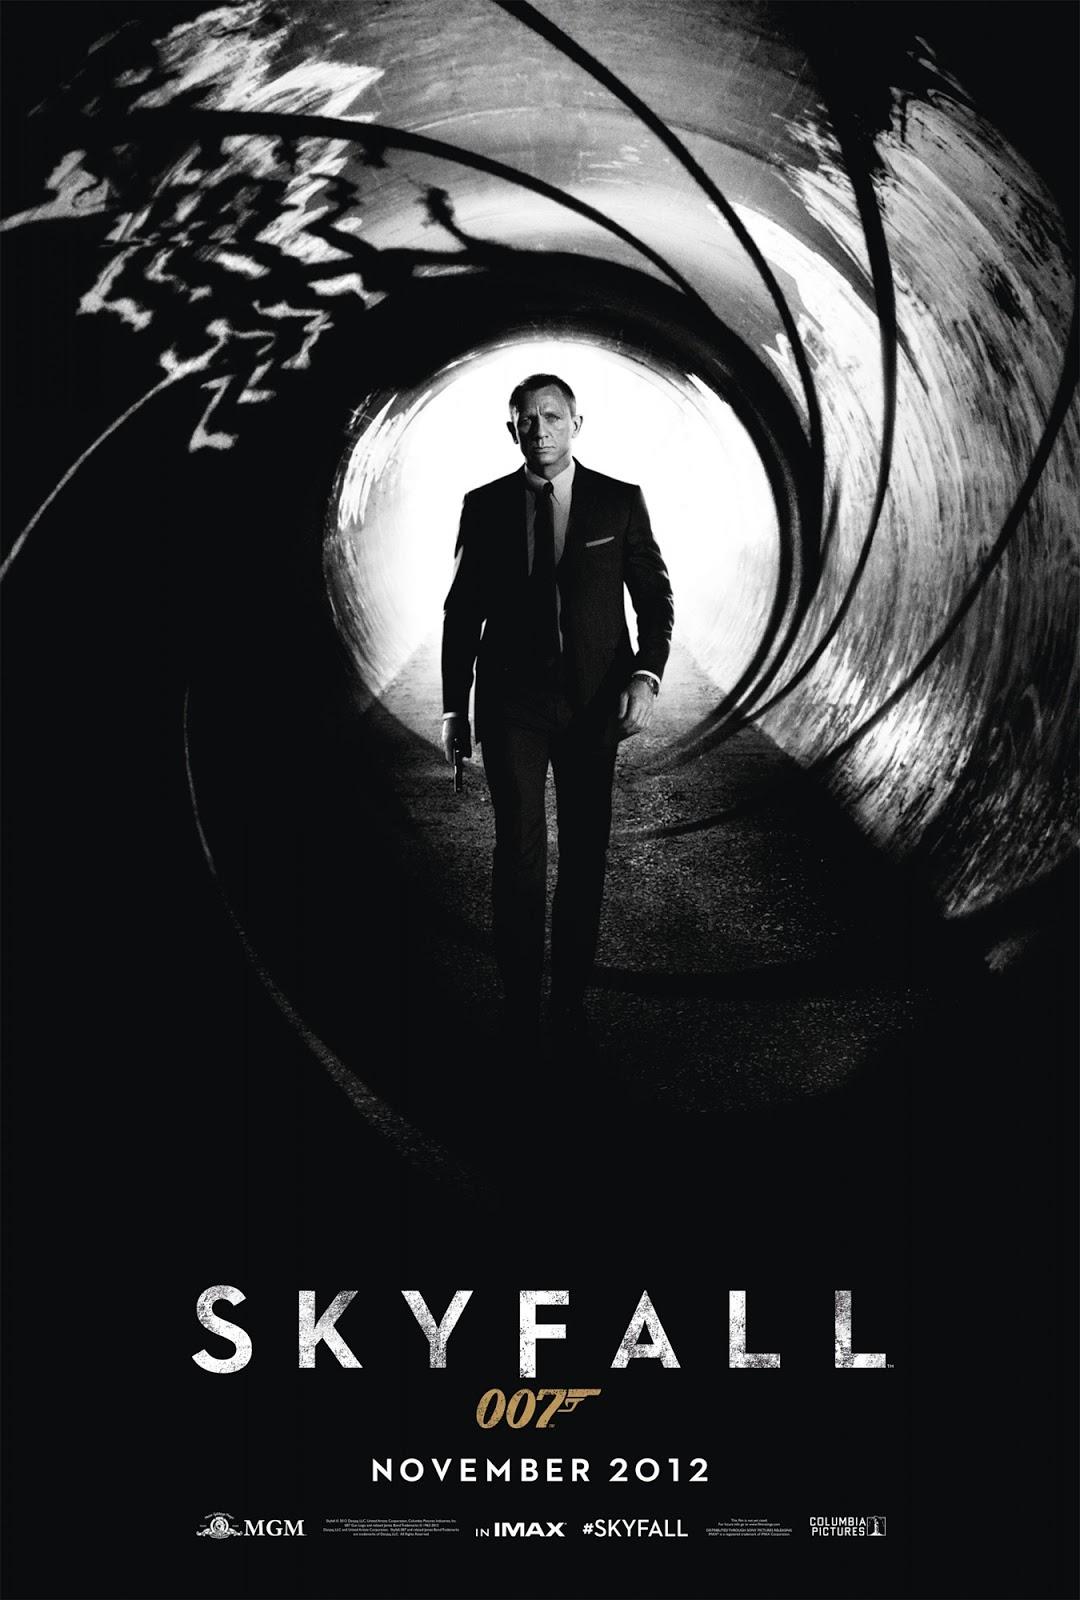 http://1.bp.blogspot.com/-wpQbTklVn9U/UJ6rLeQBQ5I/AAAAAAAAK1U/pvQMoYHS3I0/s1600/skyfall-poster+gun+barrel+daniel+craig++ajmes+bond+01.jpg